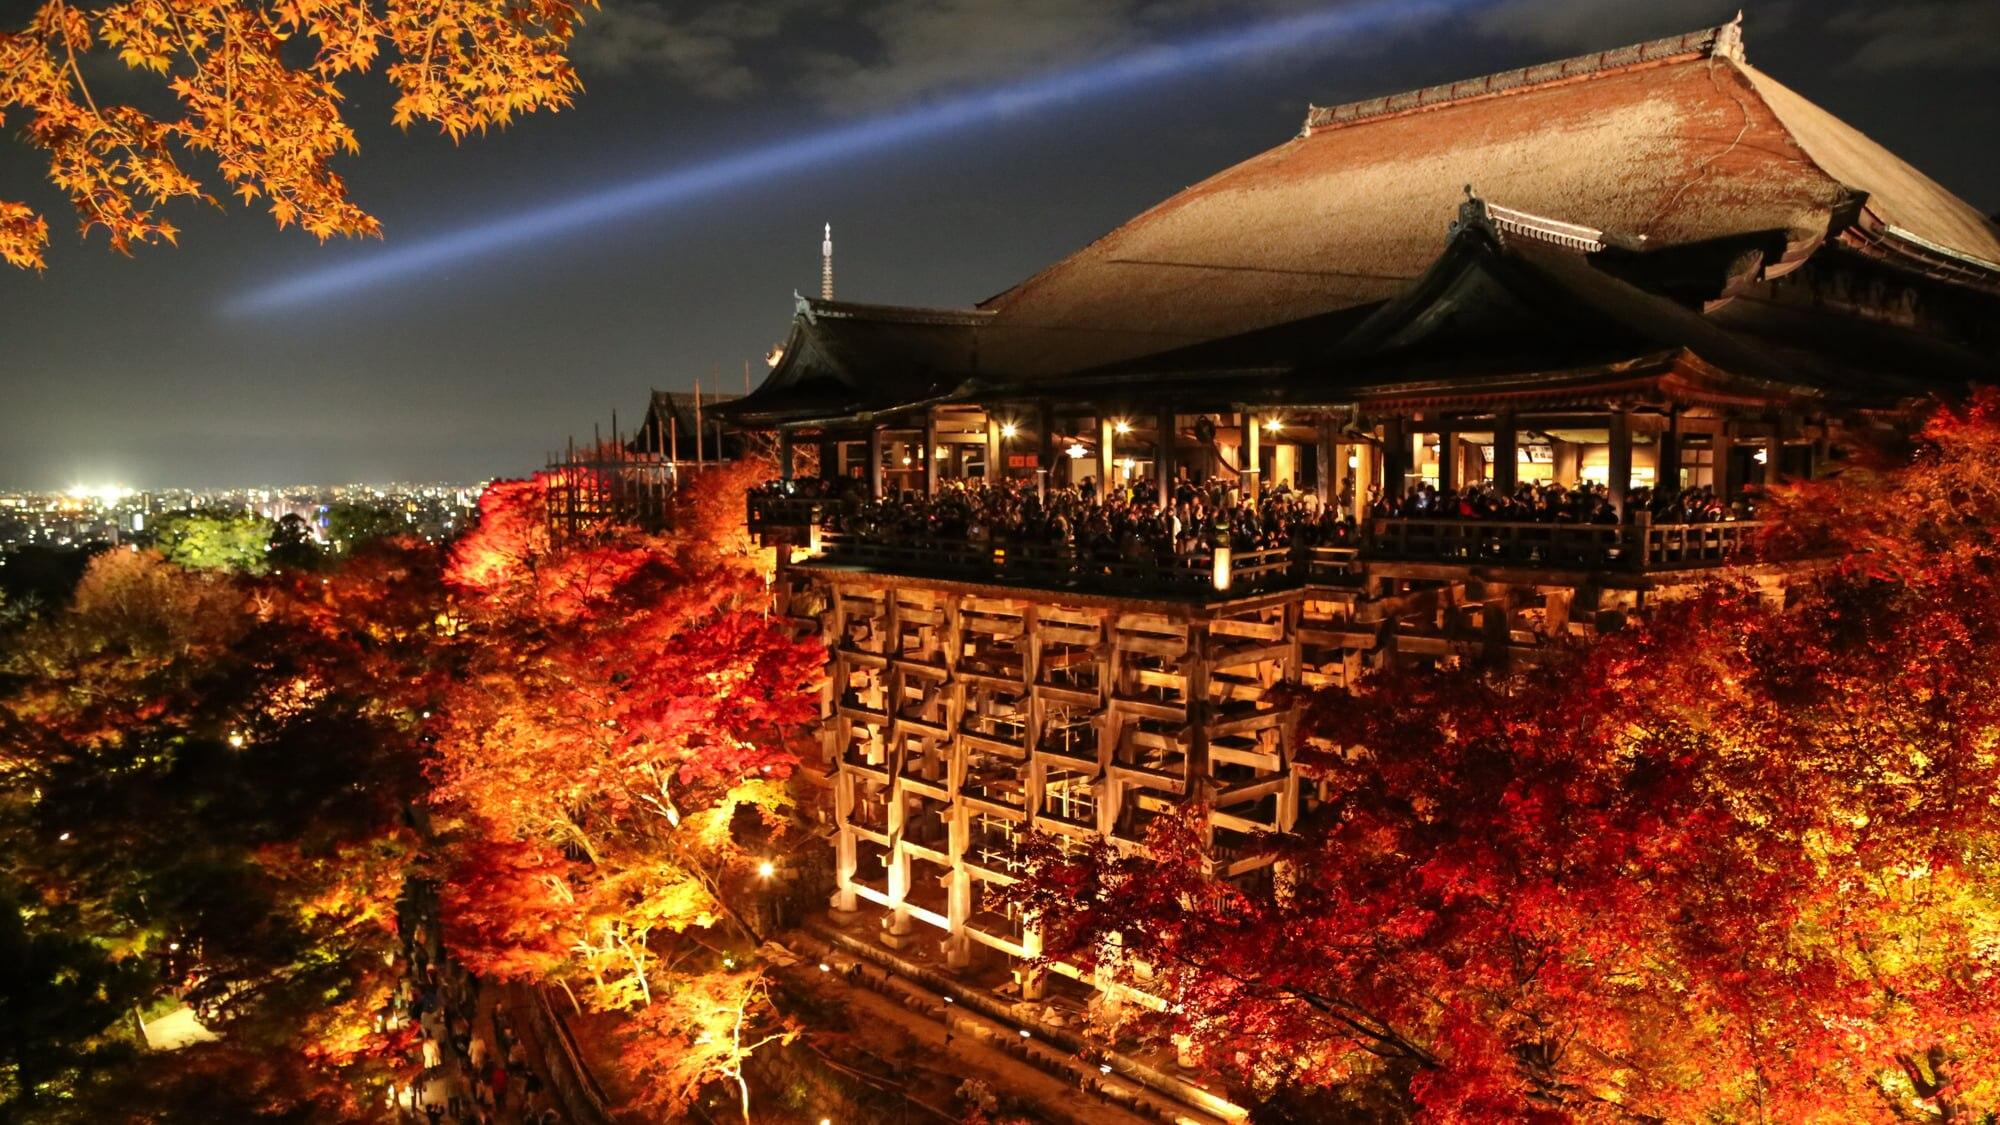 京都・清水寺を観光する前に要チェック!魅力・見所・アクセス情報